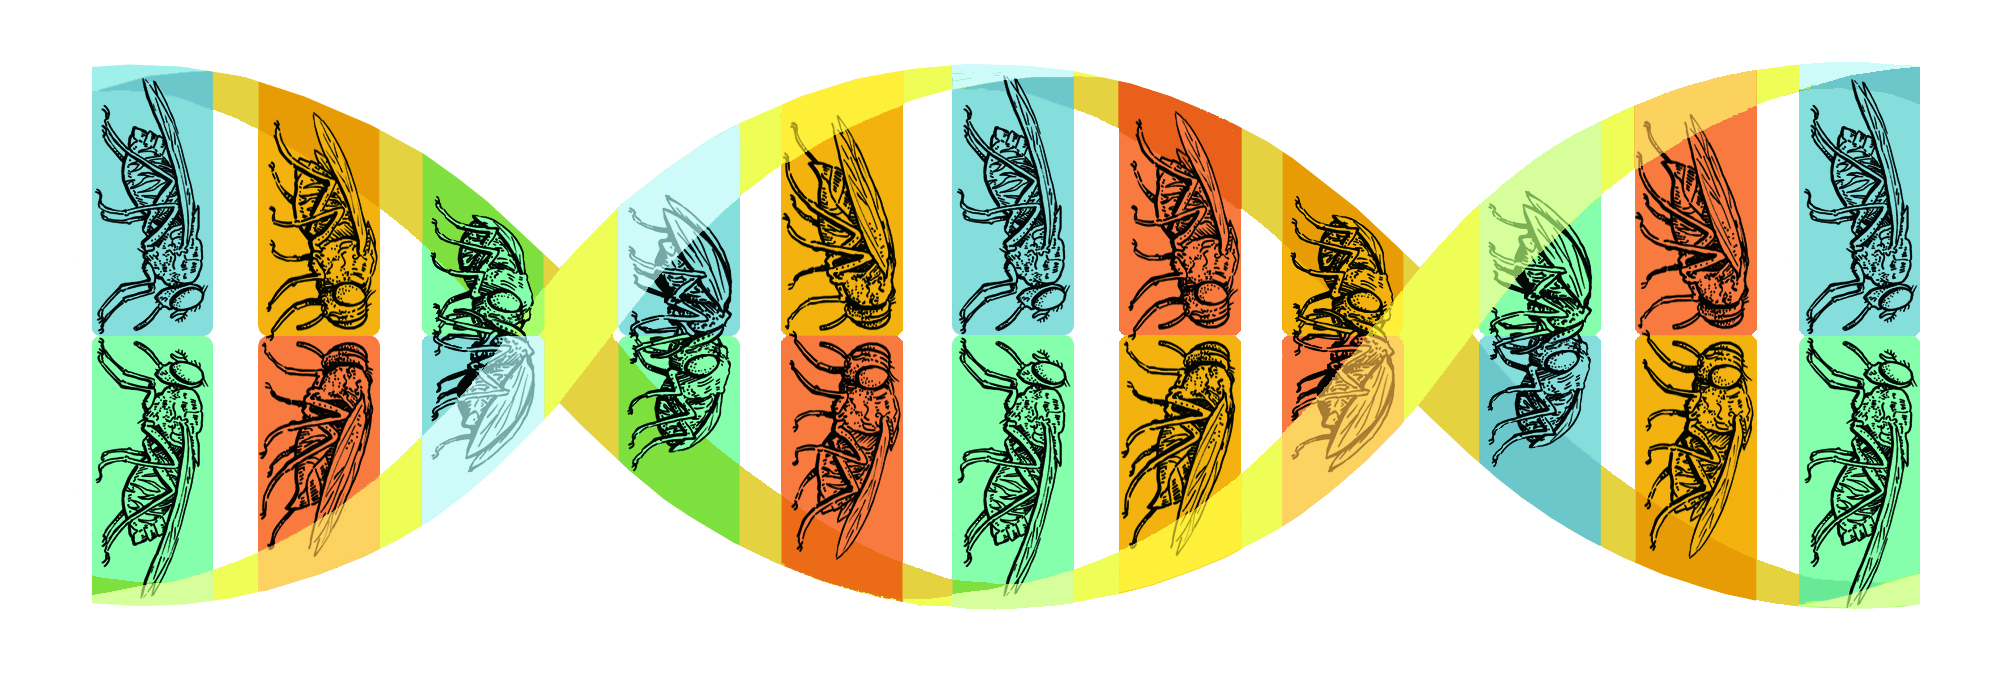 tsetse fly genome final.jpg